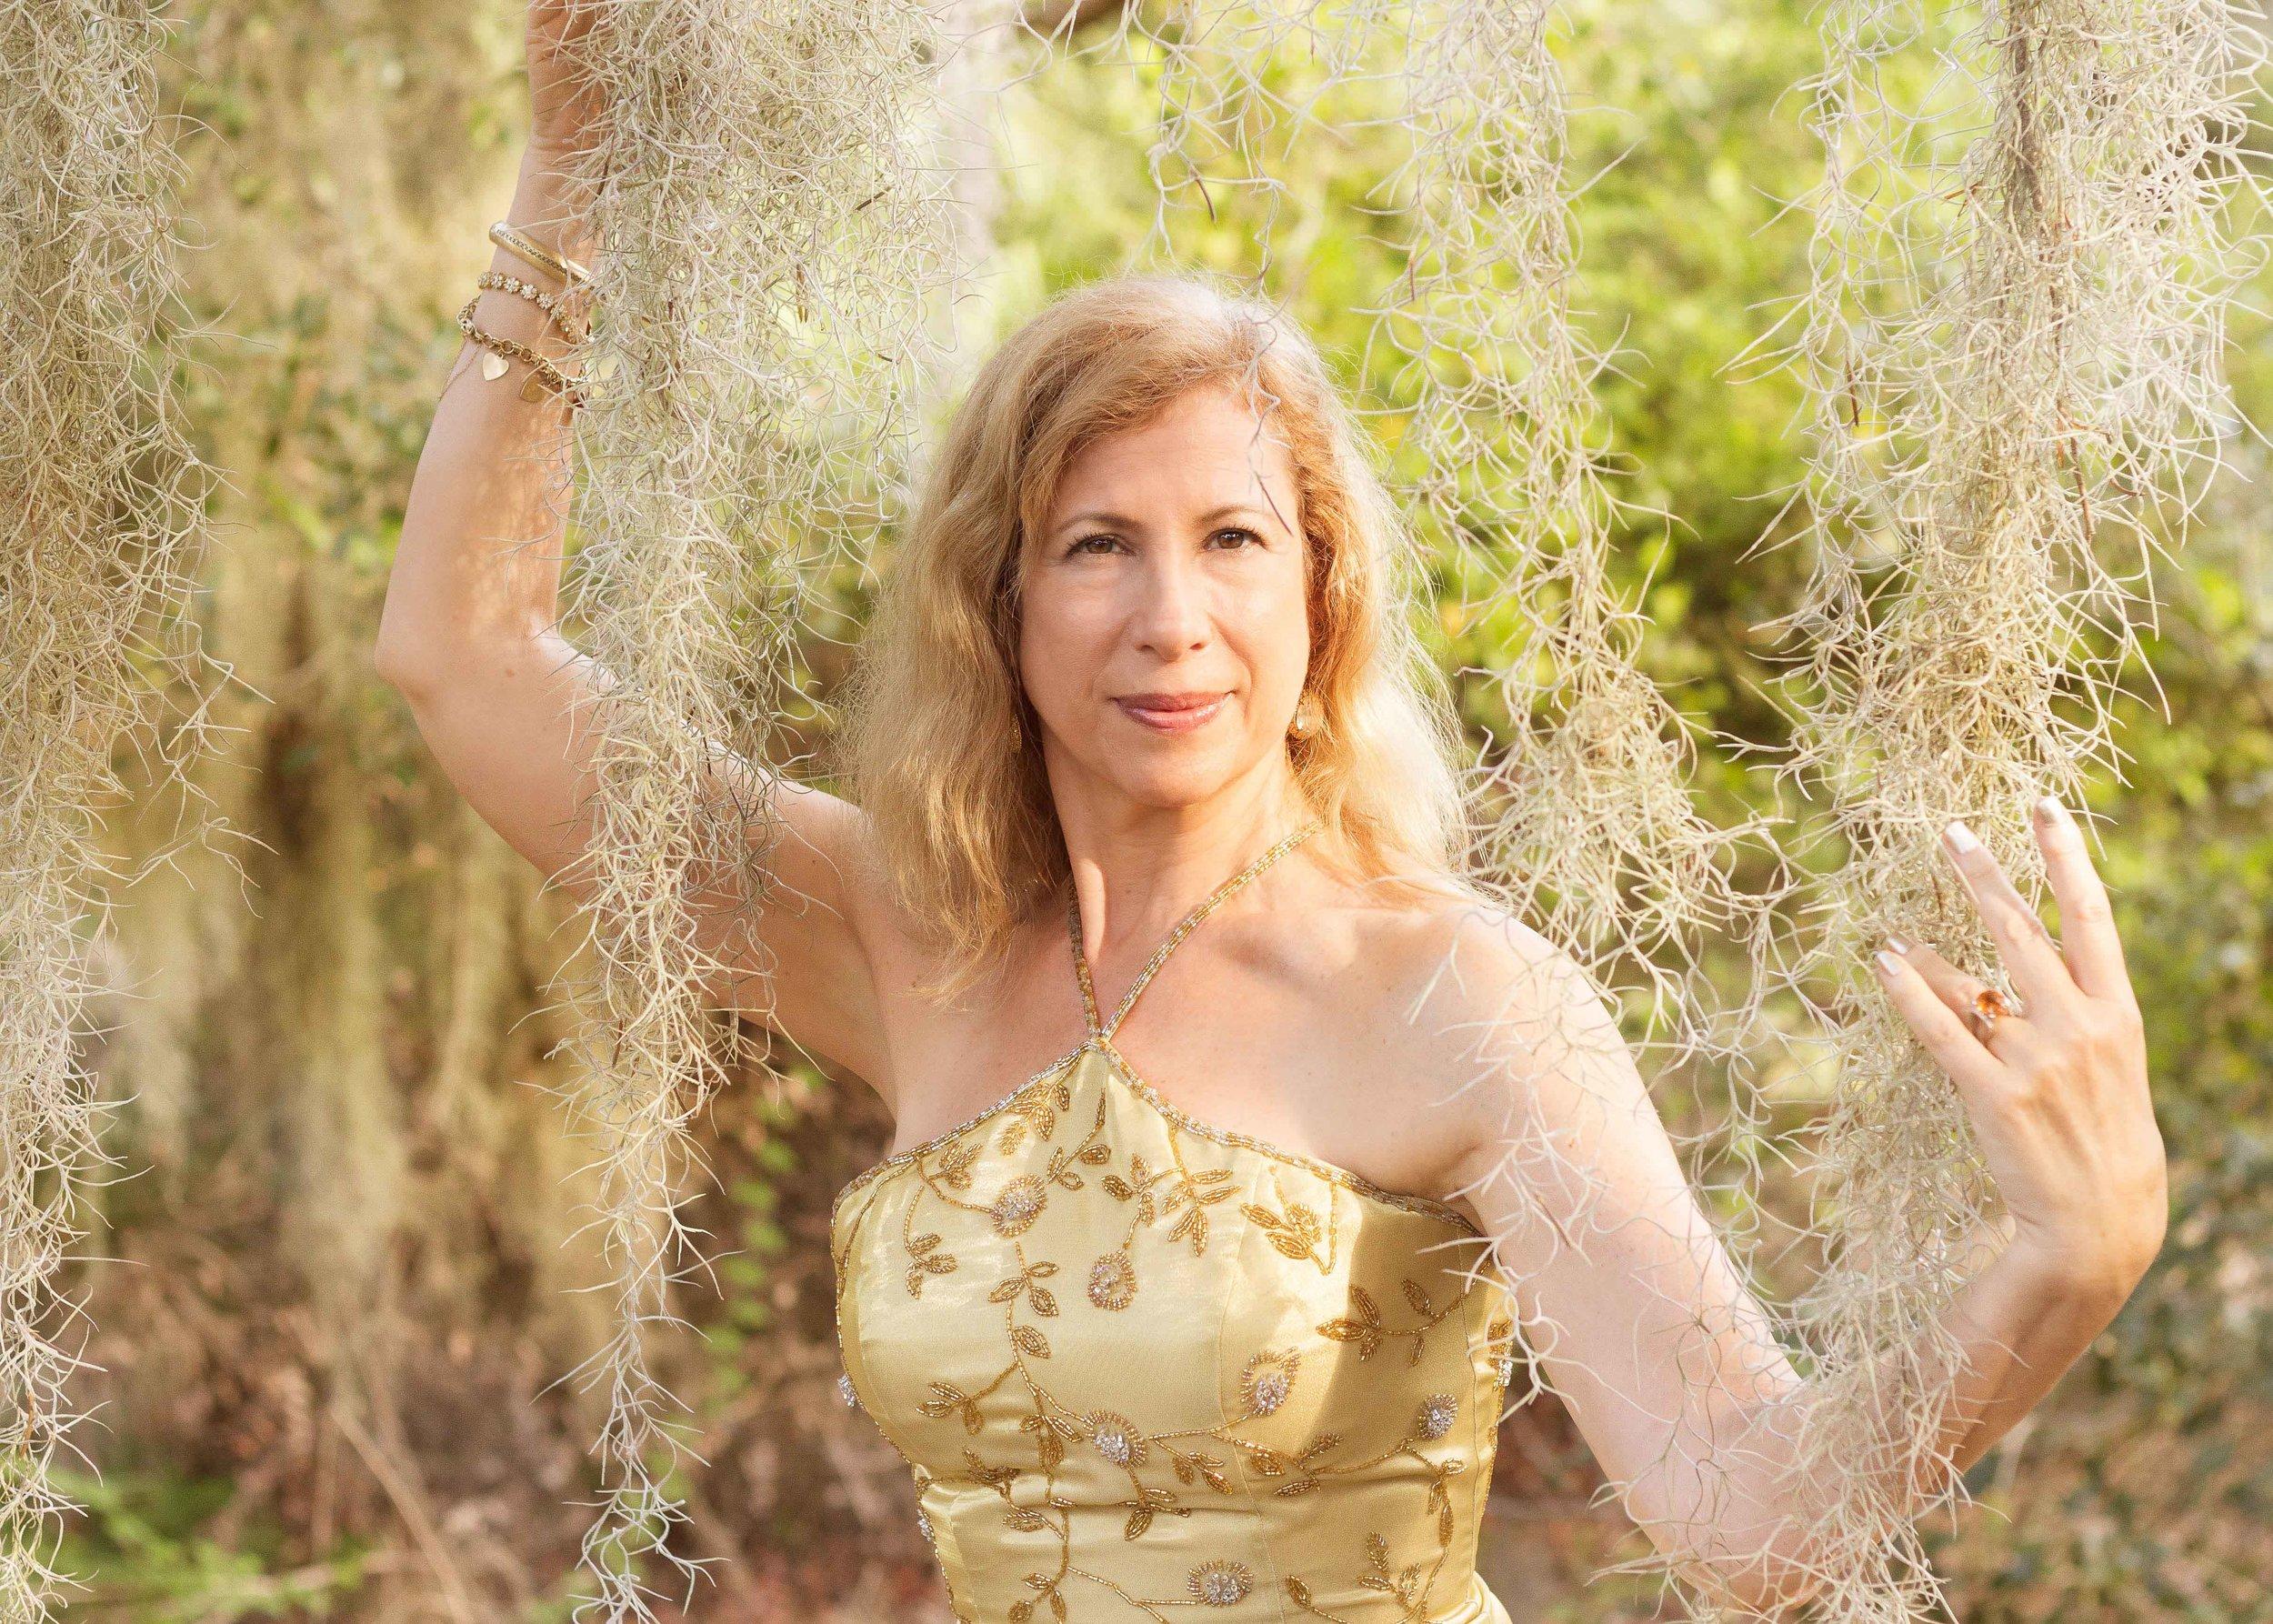 woman golden dress spanish moss goddess